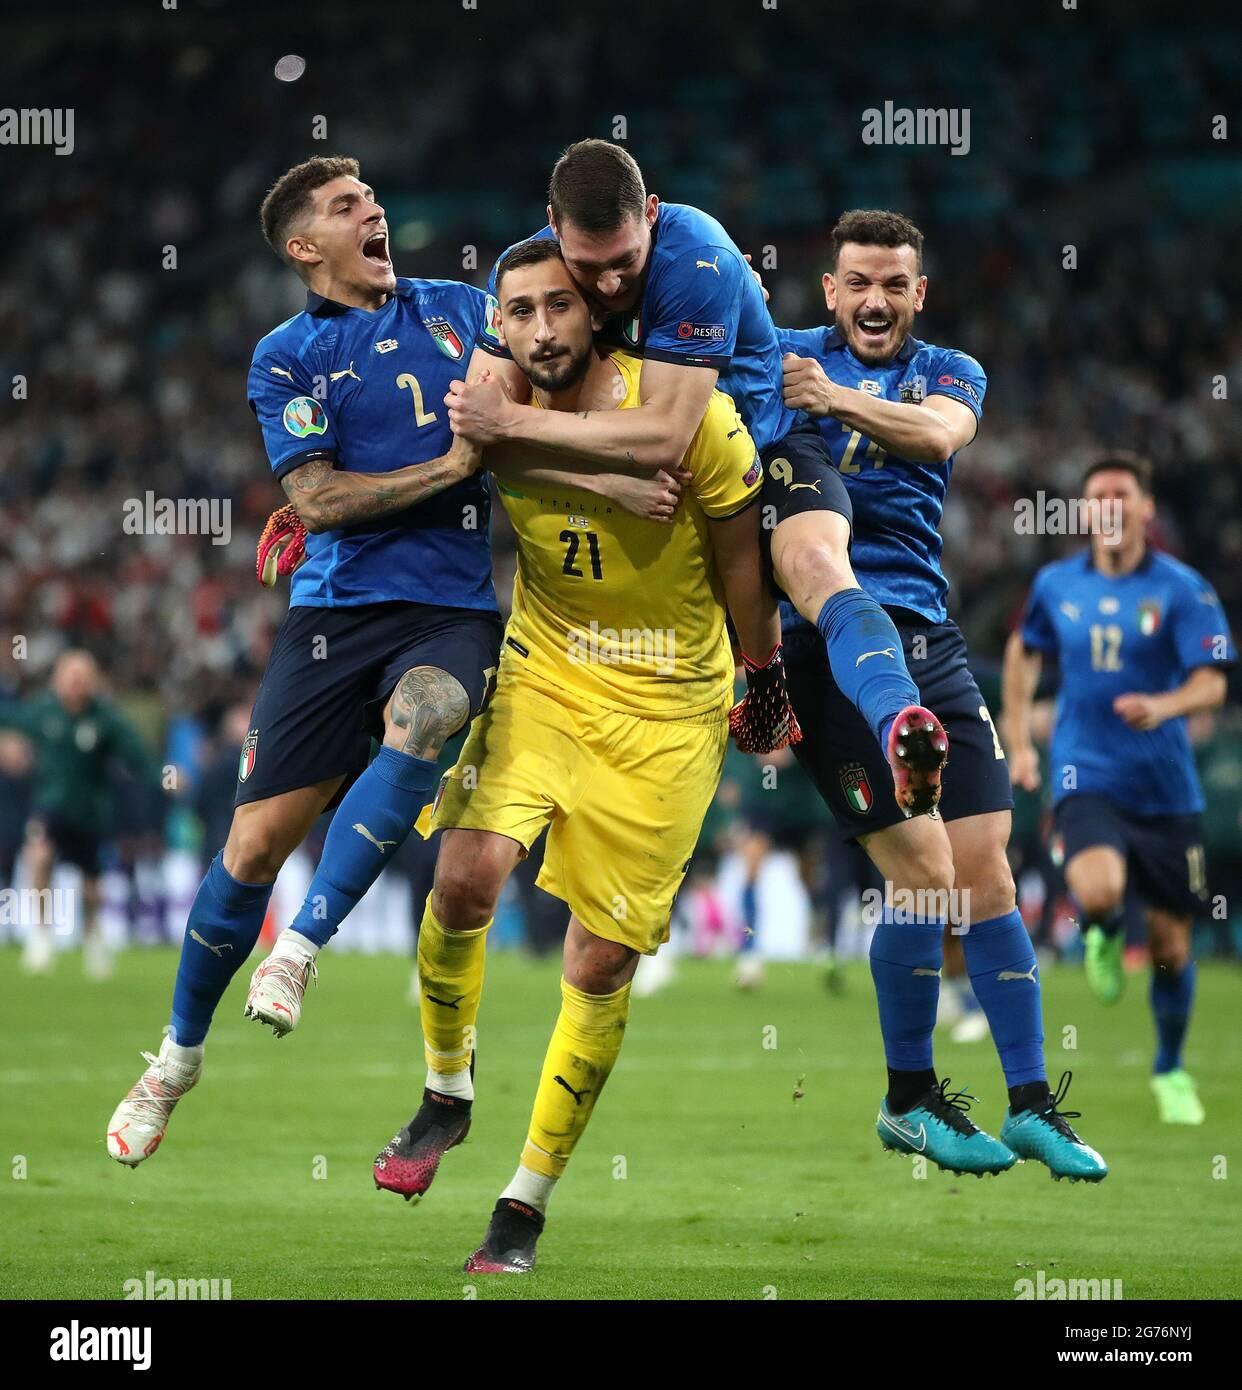 I giocatori italiani festeggiano con il portiere Gianluigi DONNARUMMA dopo aver salvato l'ultima punizione dopo la finale UEFA Euro 2020 al Wembley Stadium di Londra. Data immagine: Domenica 11 luglio 2021. Foto Stock